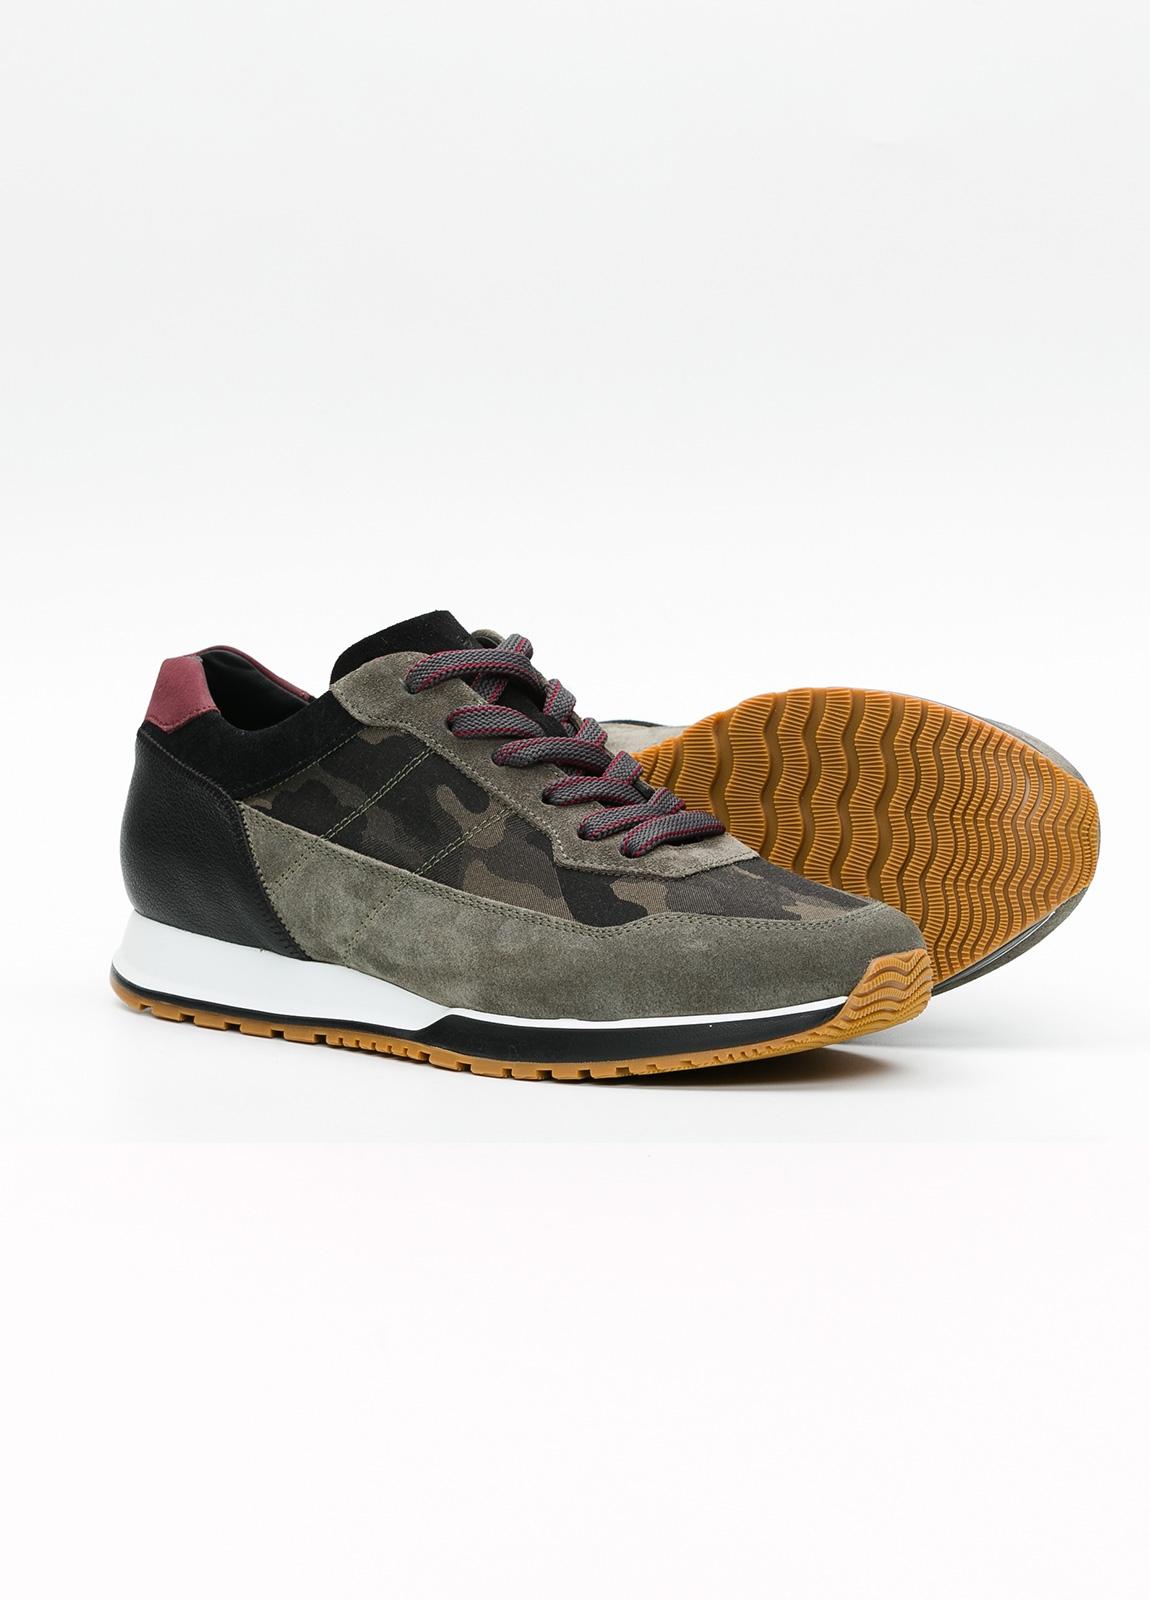 Calzado sport hombre H321 color kaki. Combinación de serraje y piel. - Ítem2